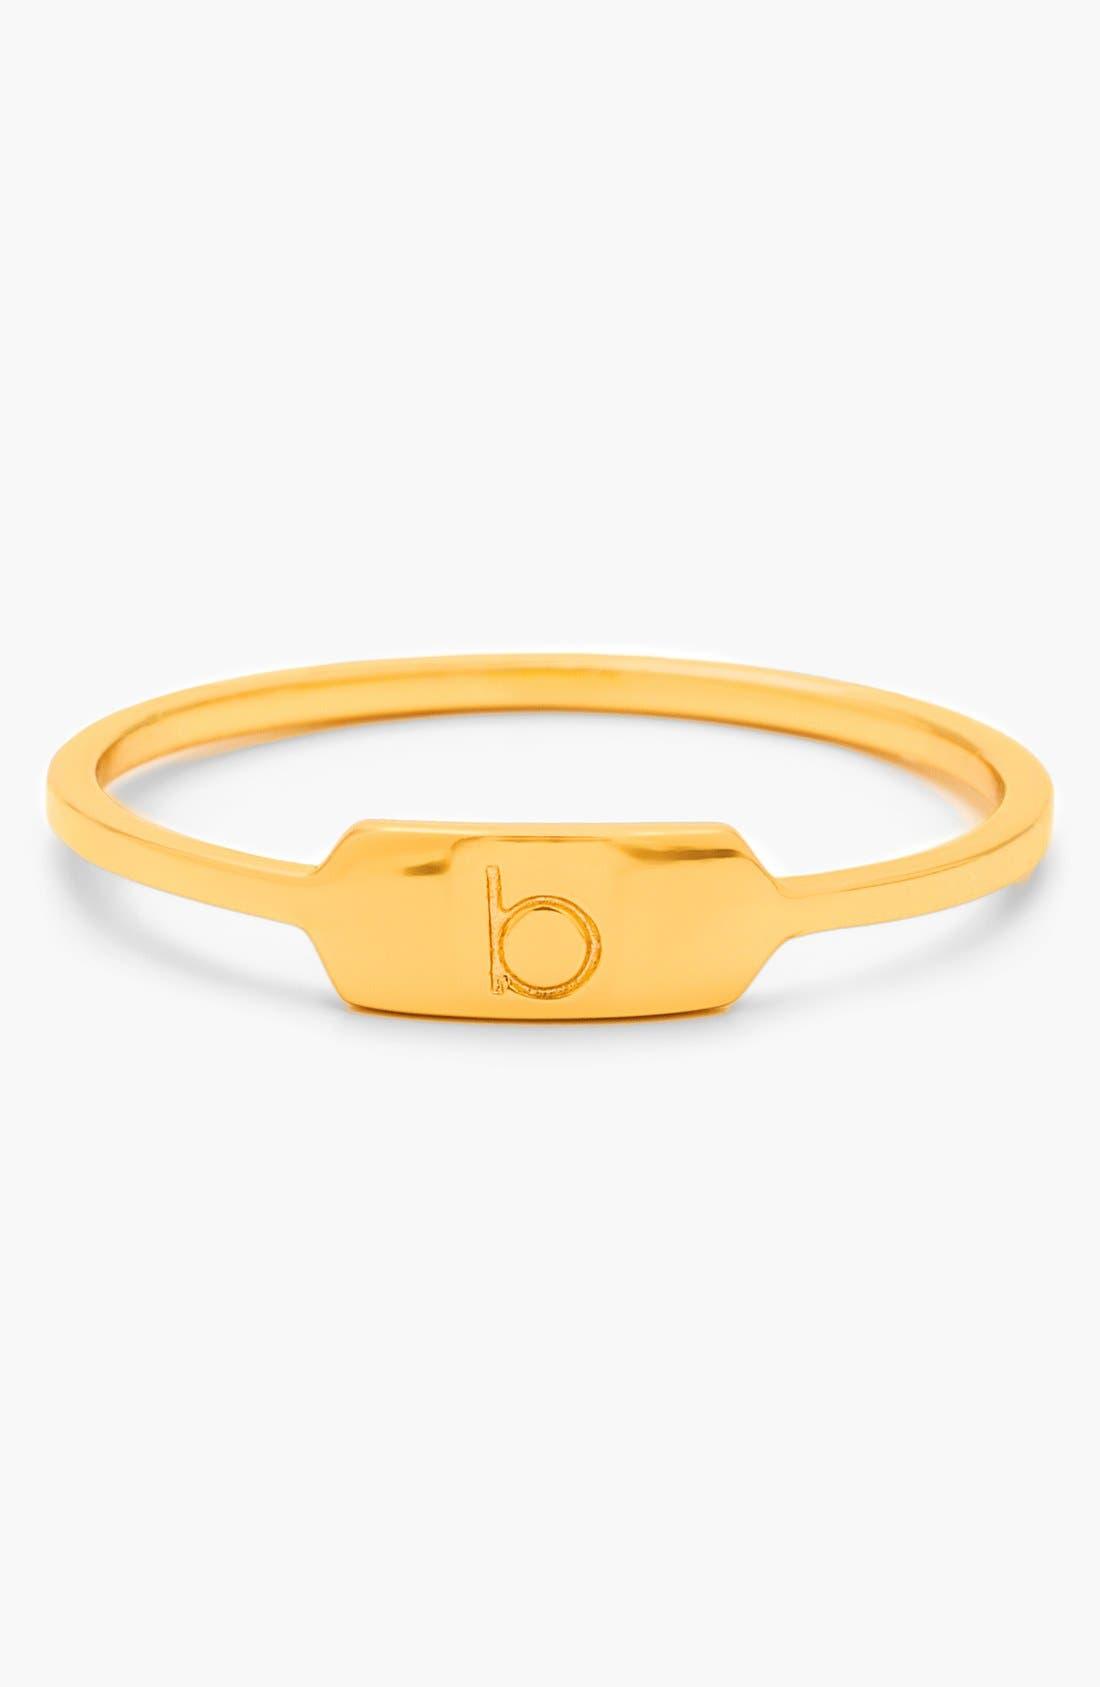 Alternate Image 1 Selected - gorjana 'Letterpress' Initial Ring